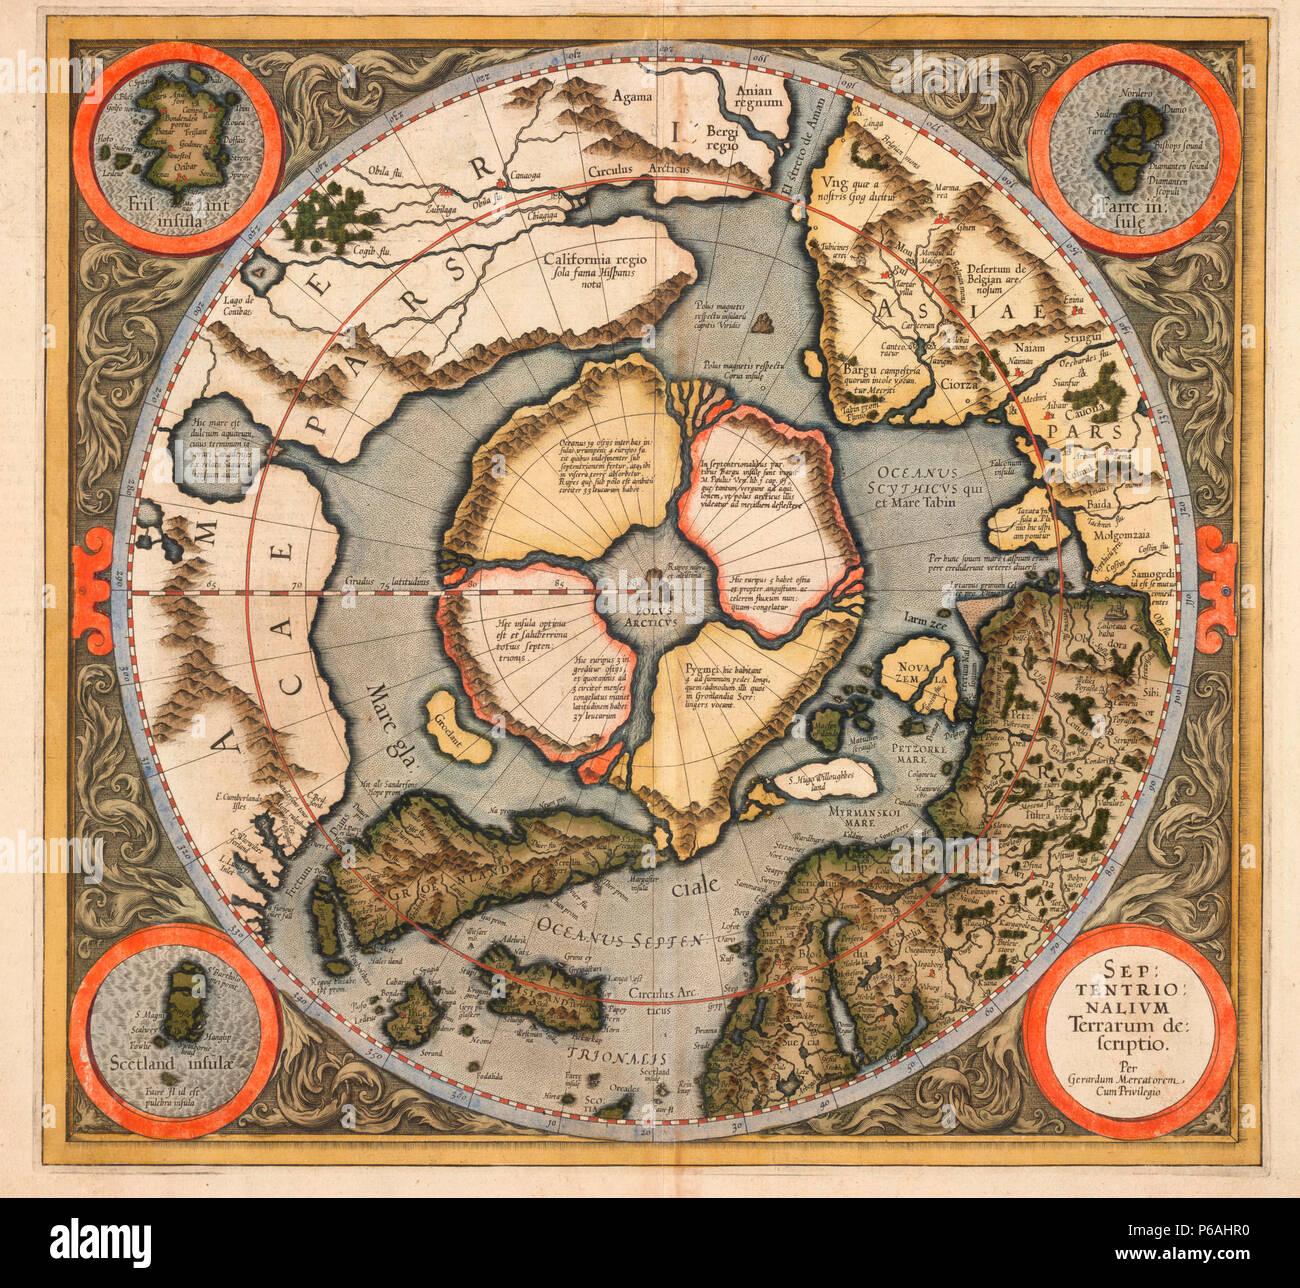 Questa è la prima carta stampata dell'emisfero nord dal Polo Artico a 60 gradi di latitudine nord che è stato originariamente pubblicato nel 1595. La mappa include le scoperte di Frobisher (1576-78) e Davis (1585-87). Immagini Stock